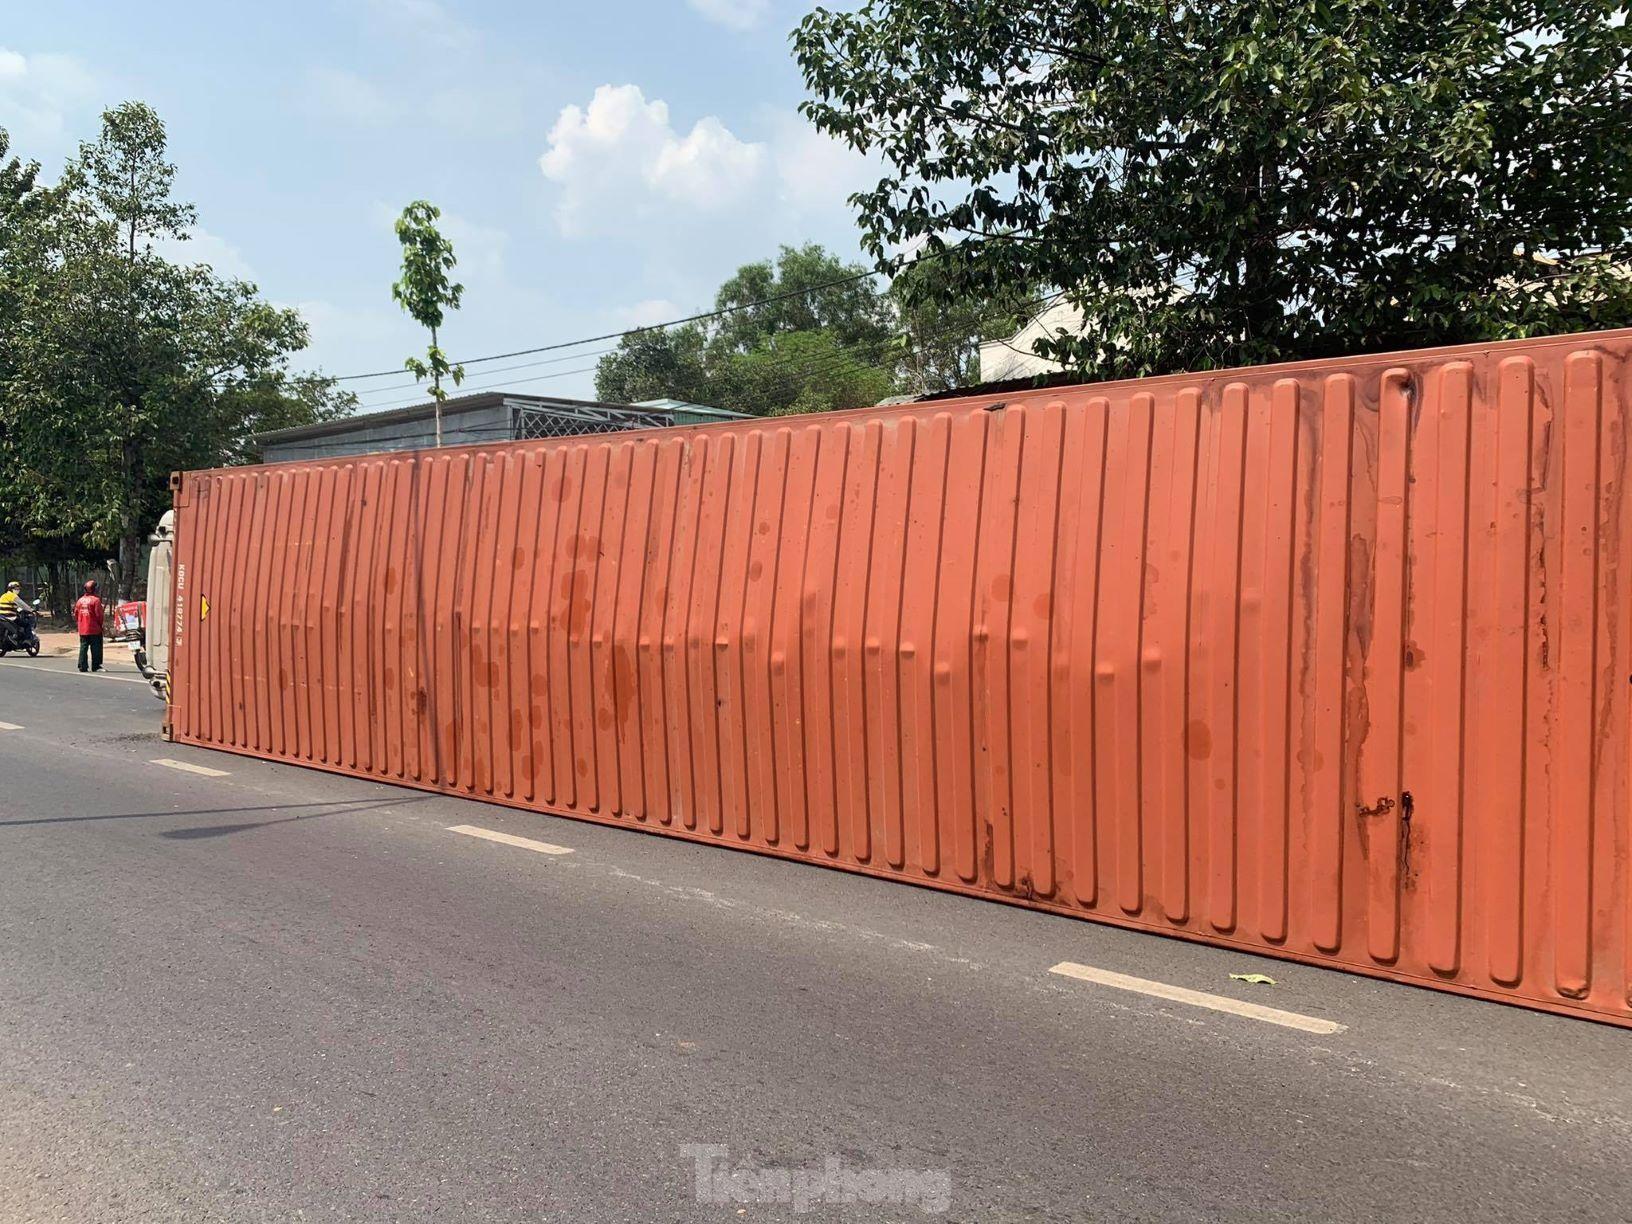 Xe container hạ gục cây xanh, lật ngang giữa đường vì tài xế ngủ gật ảnh 2